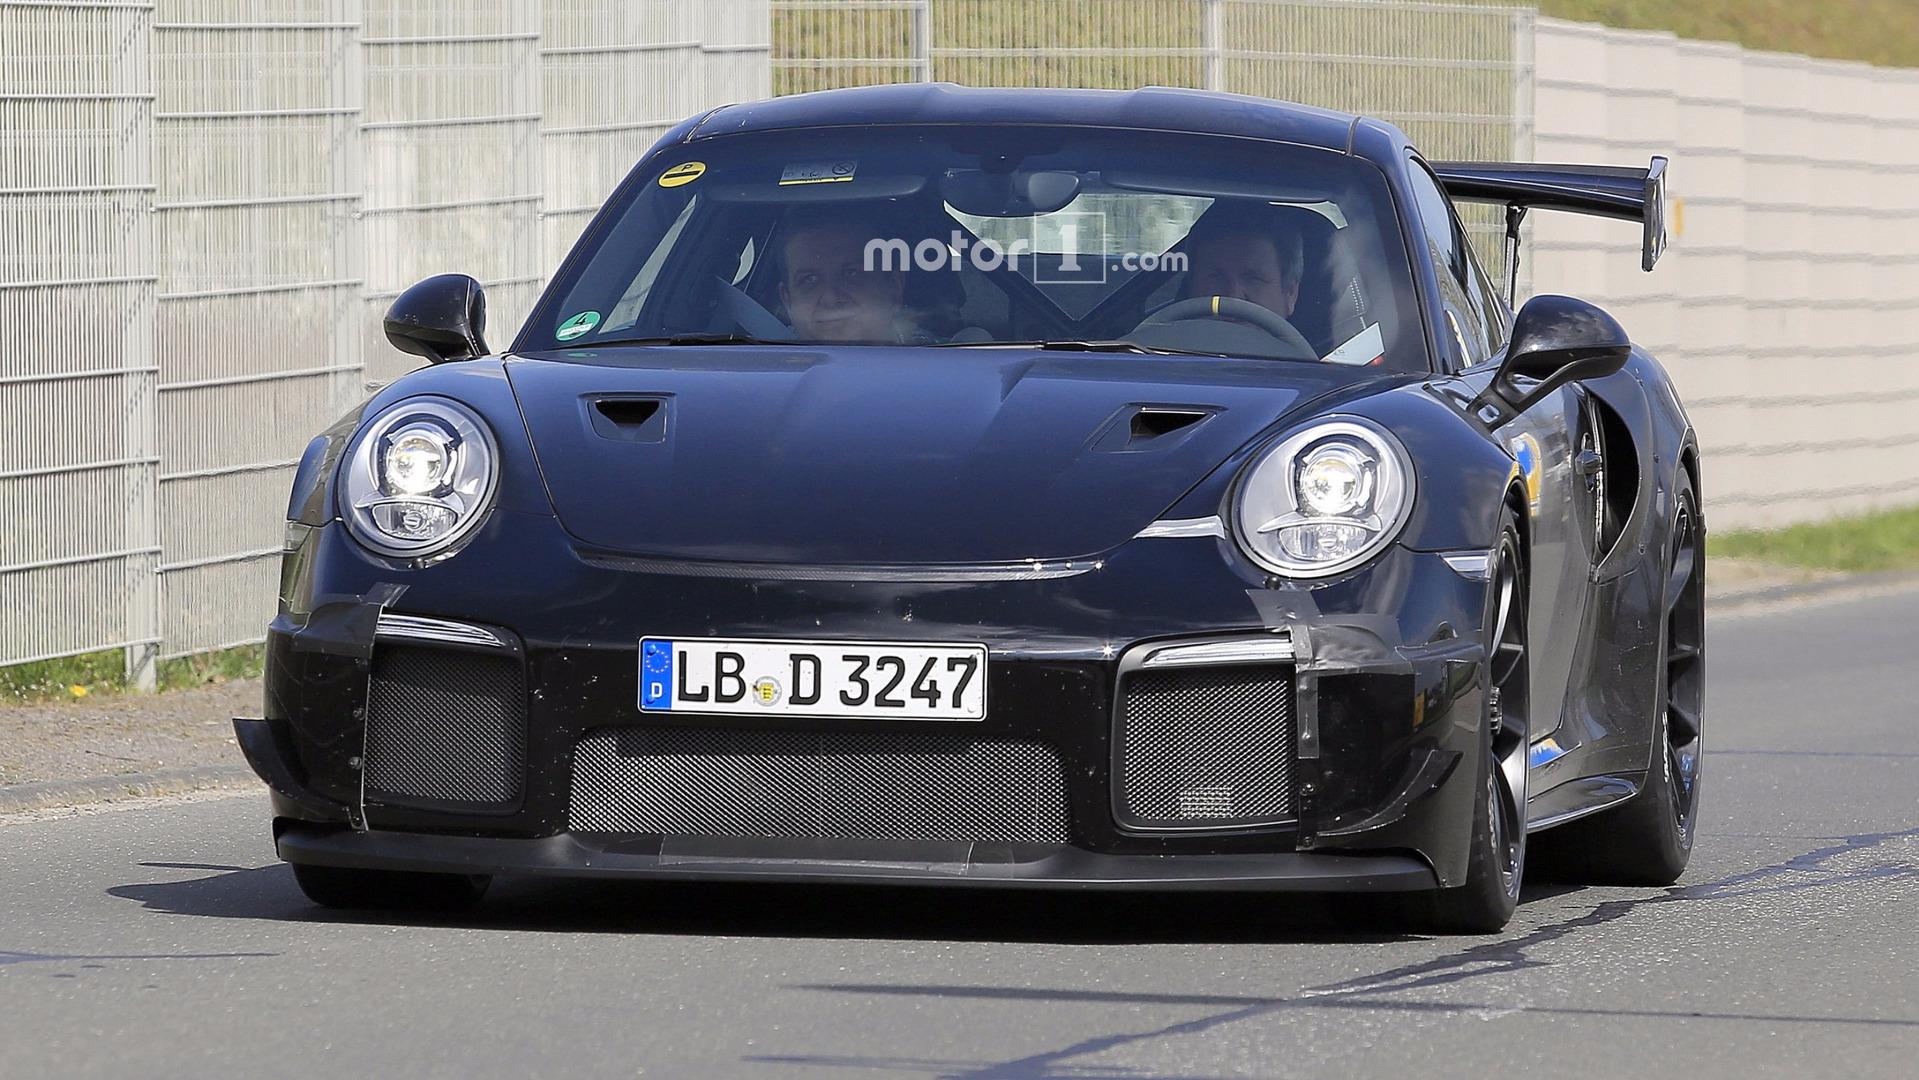 2018-porsche-911-gt2-spy-photo Outstanding Porsche 911 Gt2 Hot Wheels Cars Trend